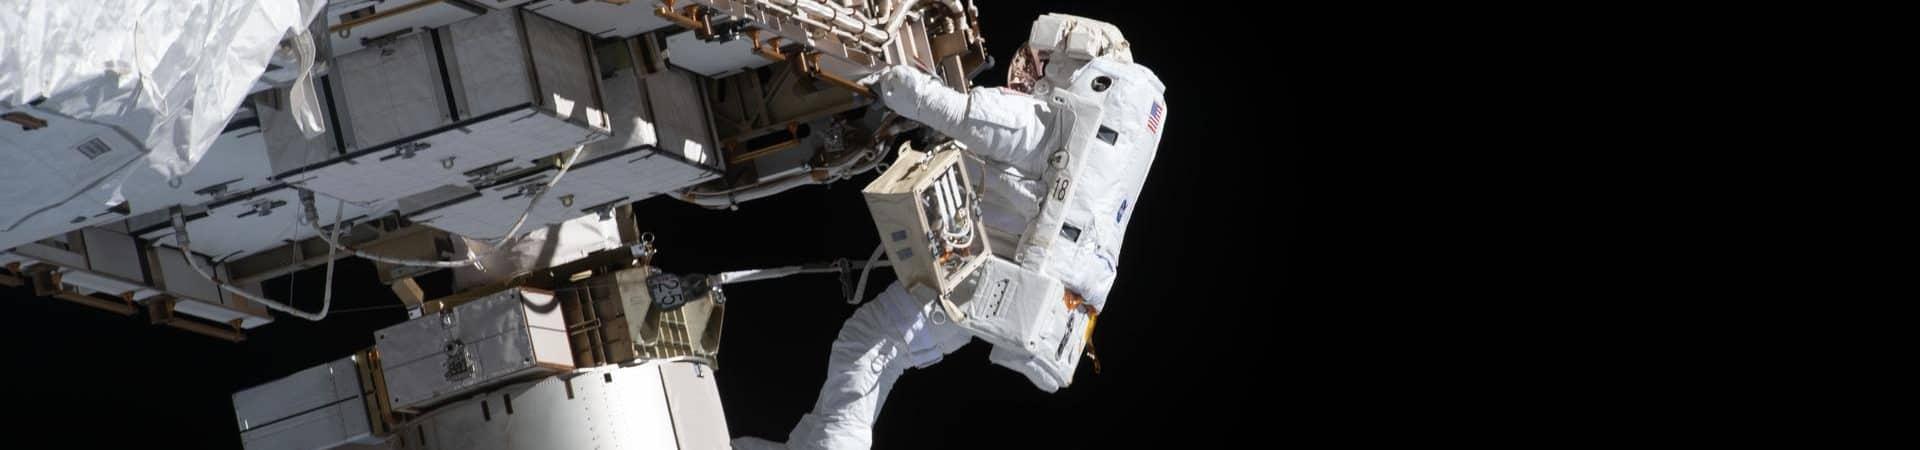 O engenheiro de voo Victor Glover, da Nasa, em caminhada espacial durante reparo na Estação Espacial Internacional. Imagem: Nasa/Divulgação